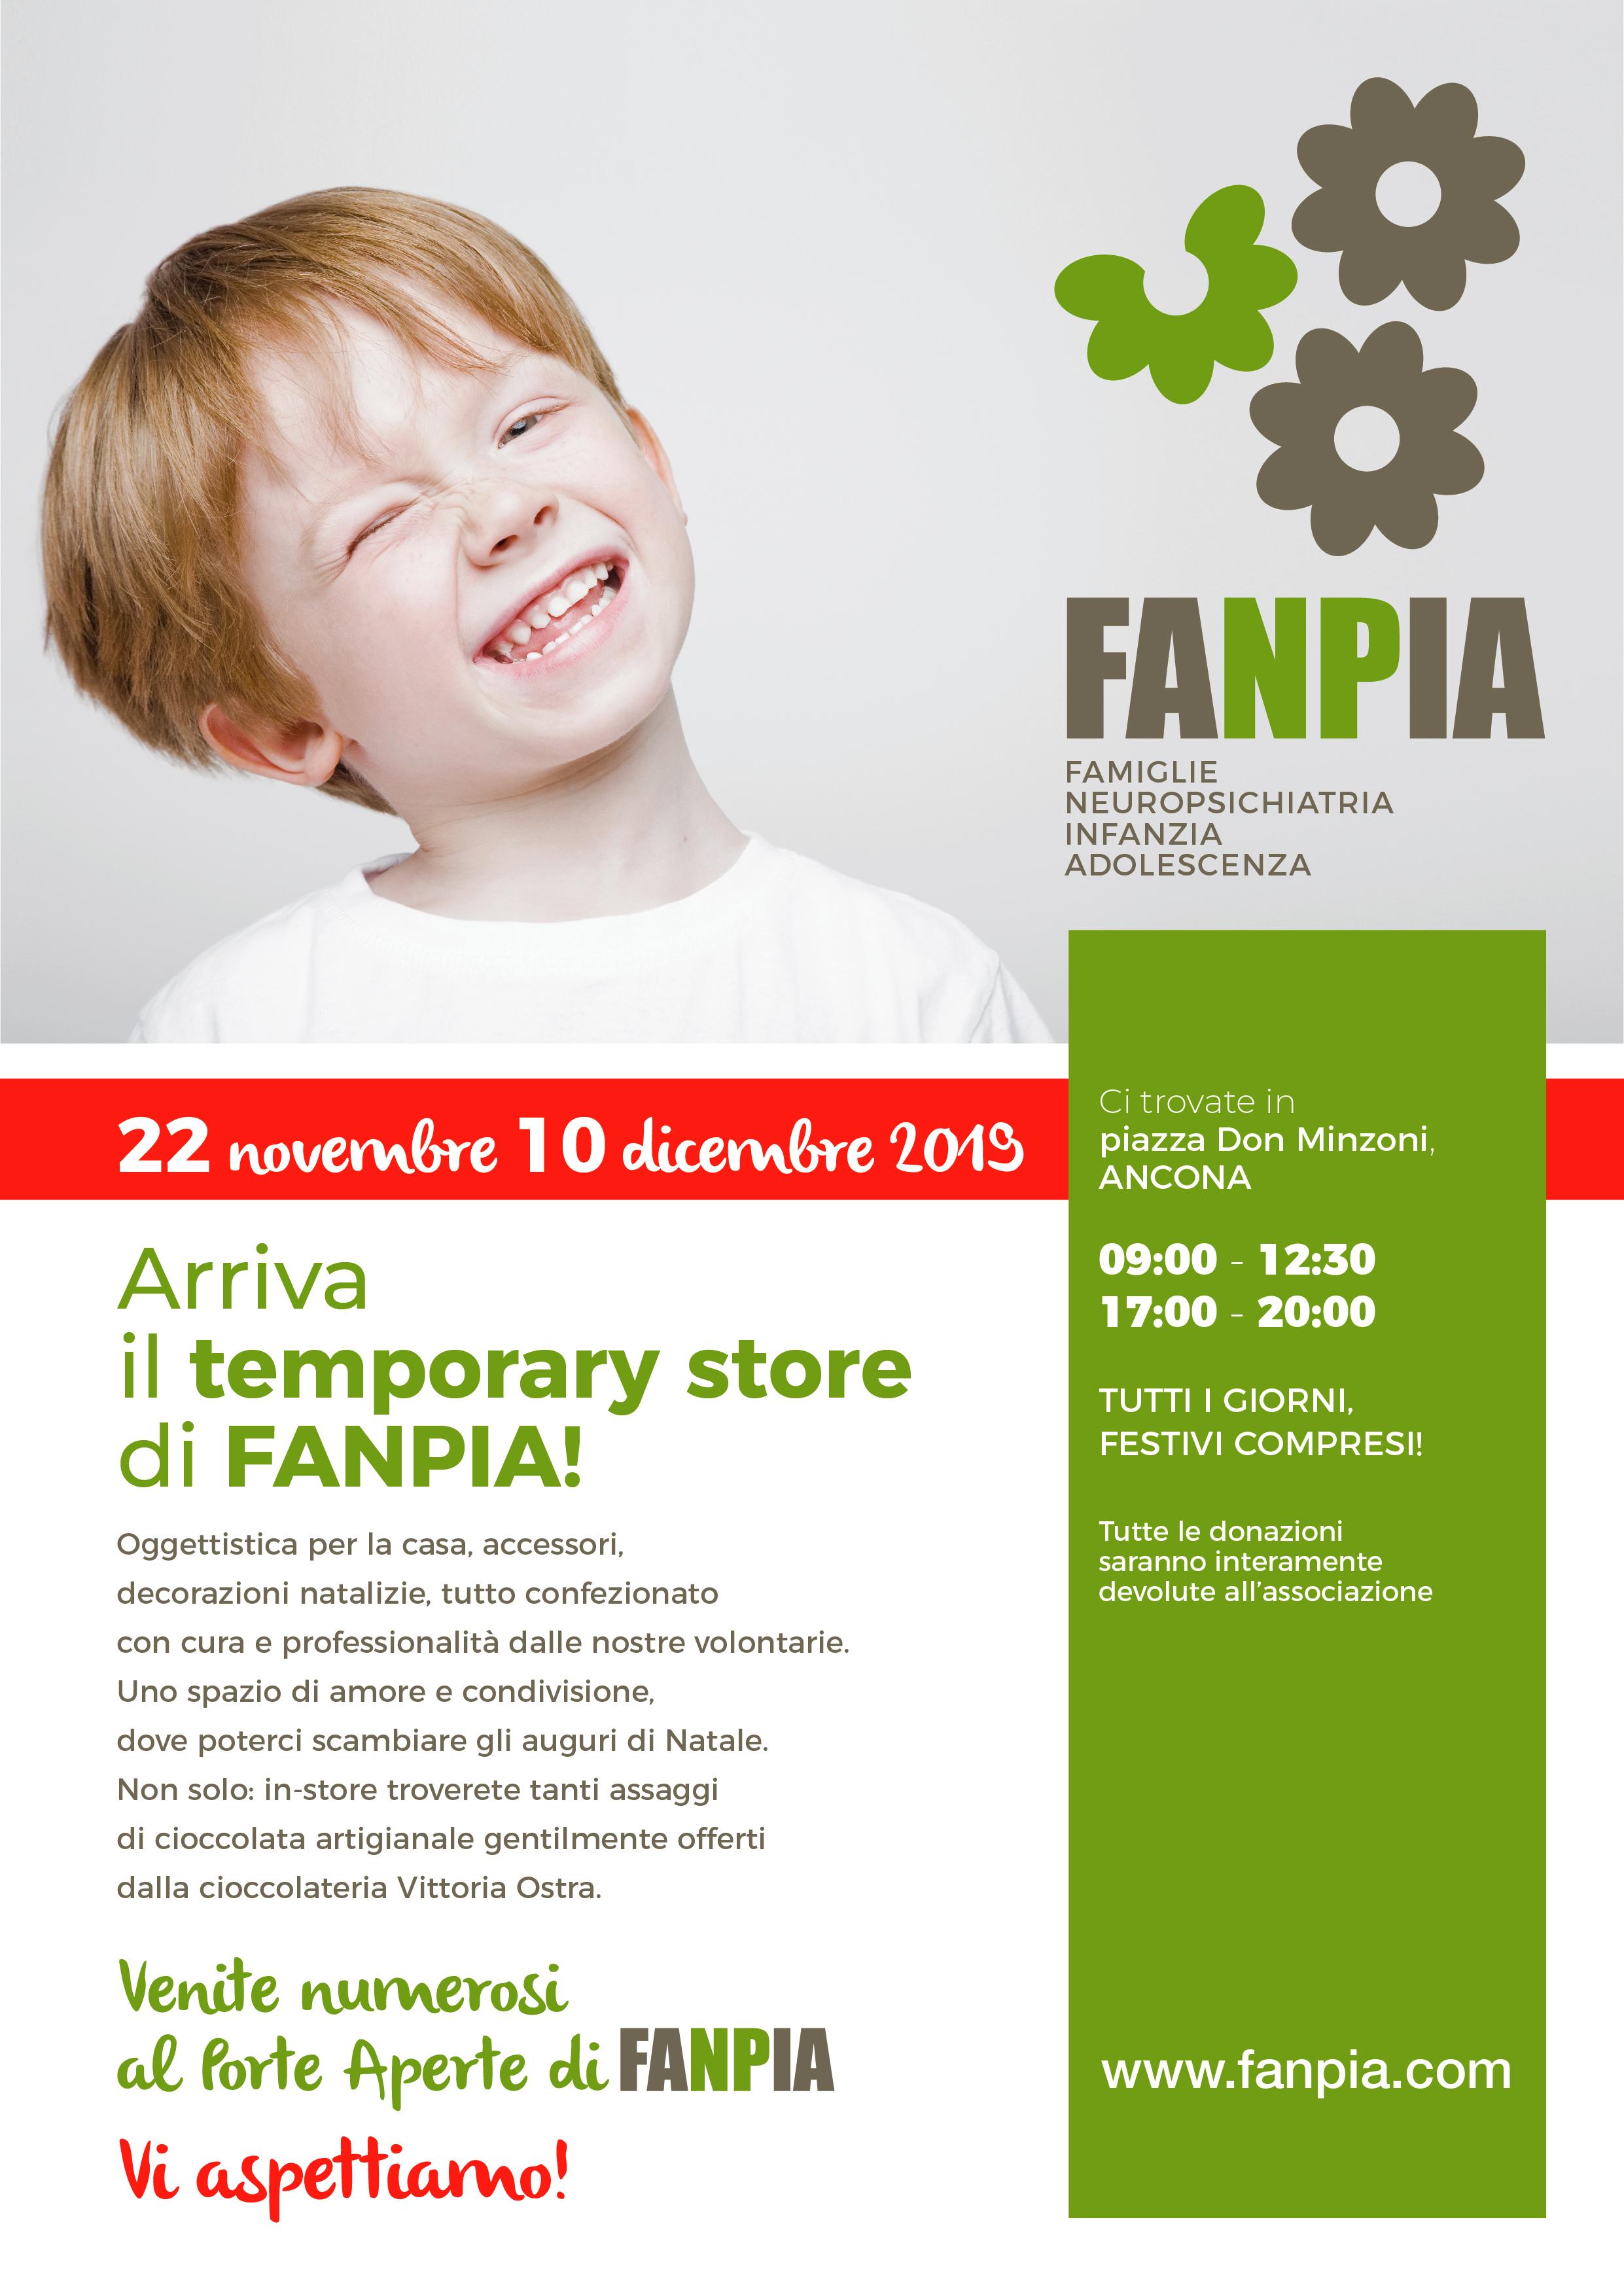 Fanpia_locandina_151119_Tavola disegno 1